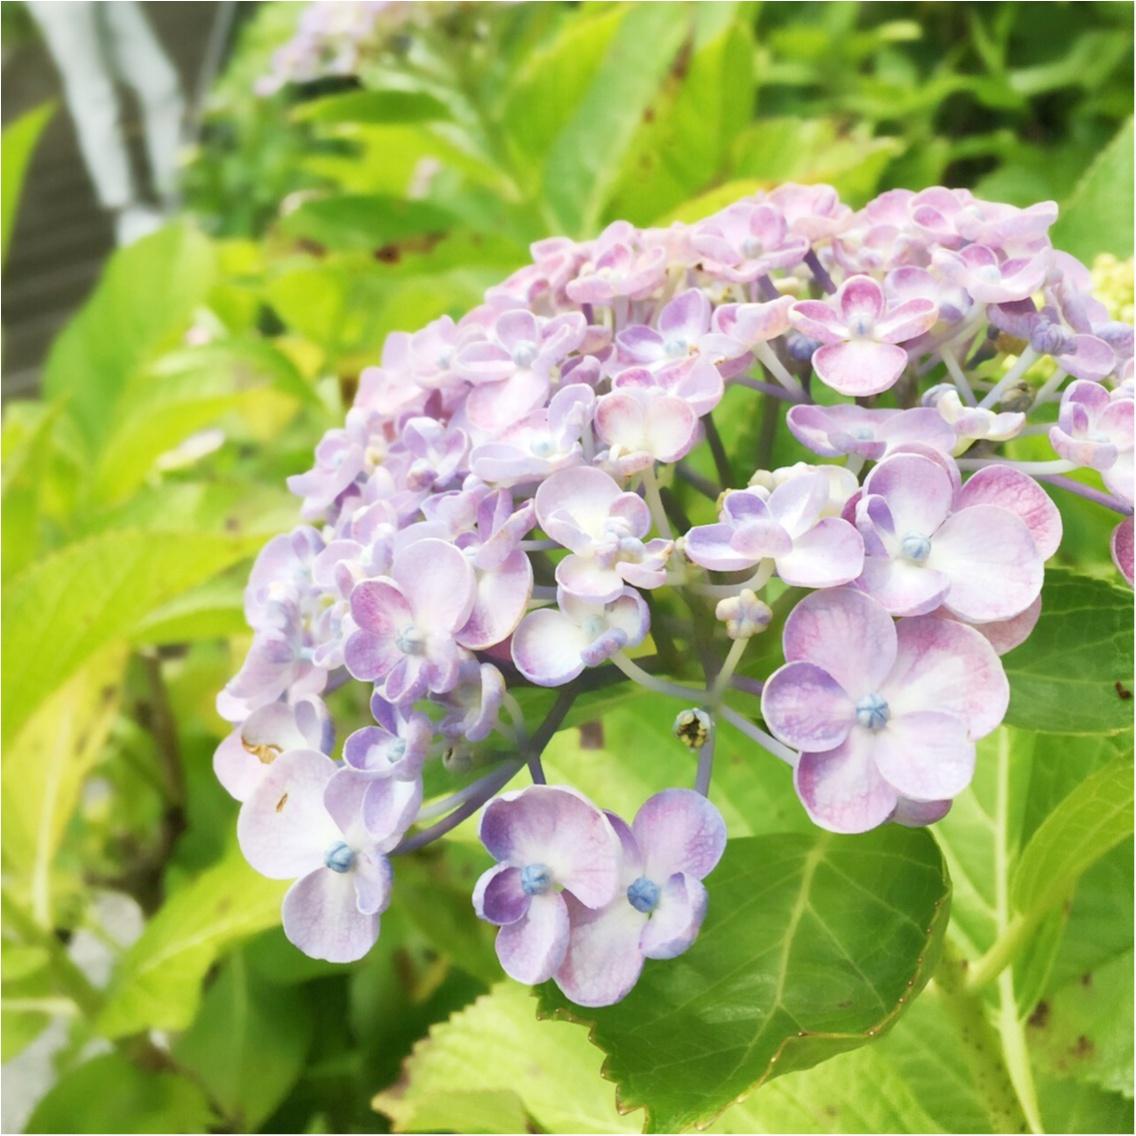 あじさいの咲く鎌倉へ。散策途中で買って満足した物とは,,,_2